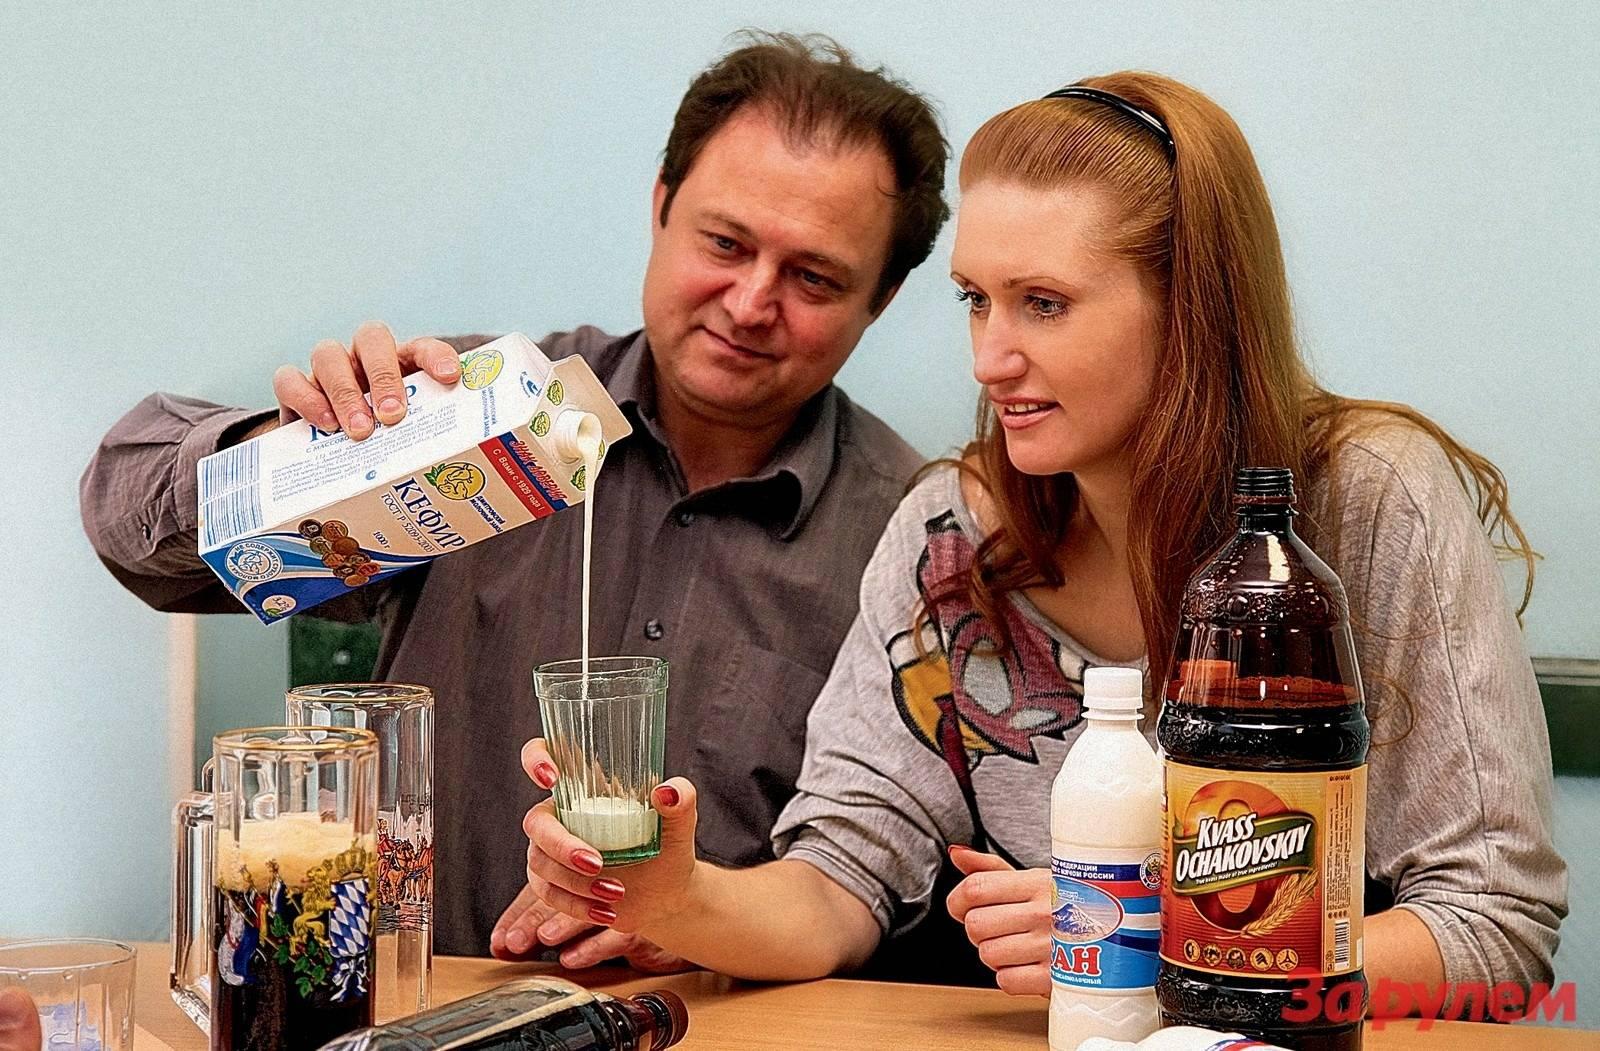 Можно ли детям пить квас? с какого возраста давать домашний напиток? можно ли употреблять в 2 и 3 года?